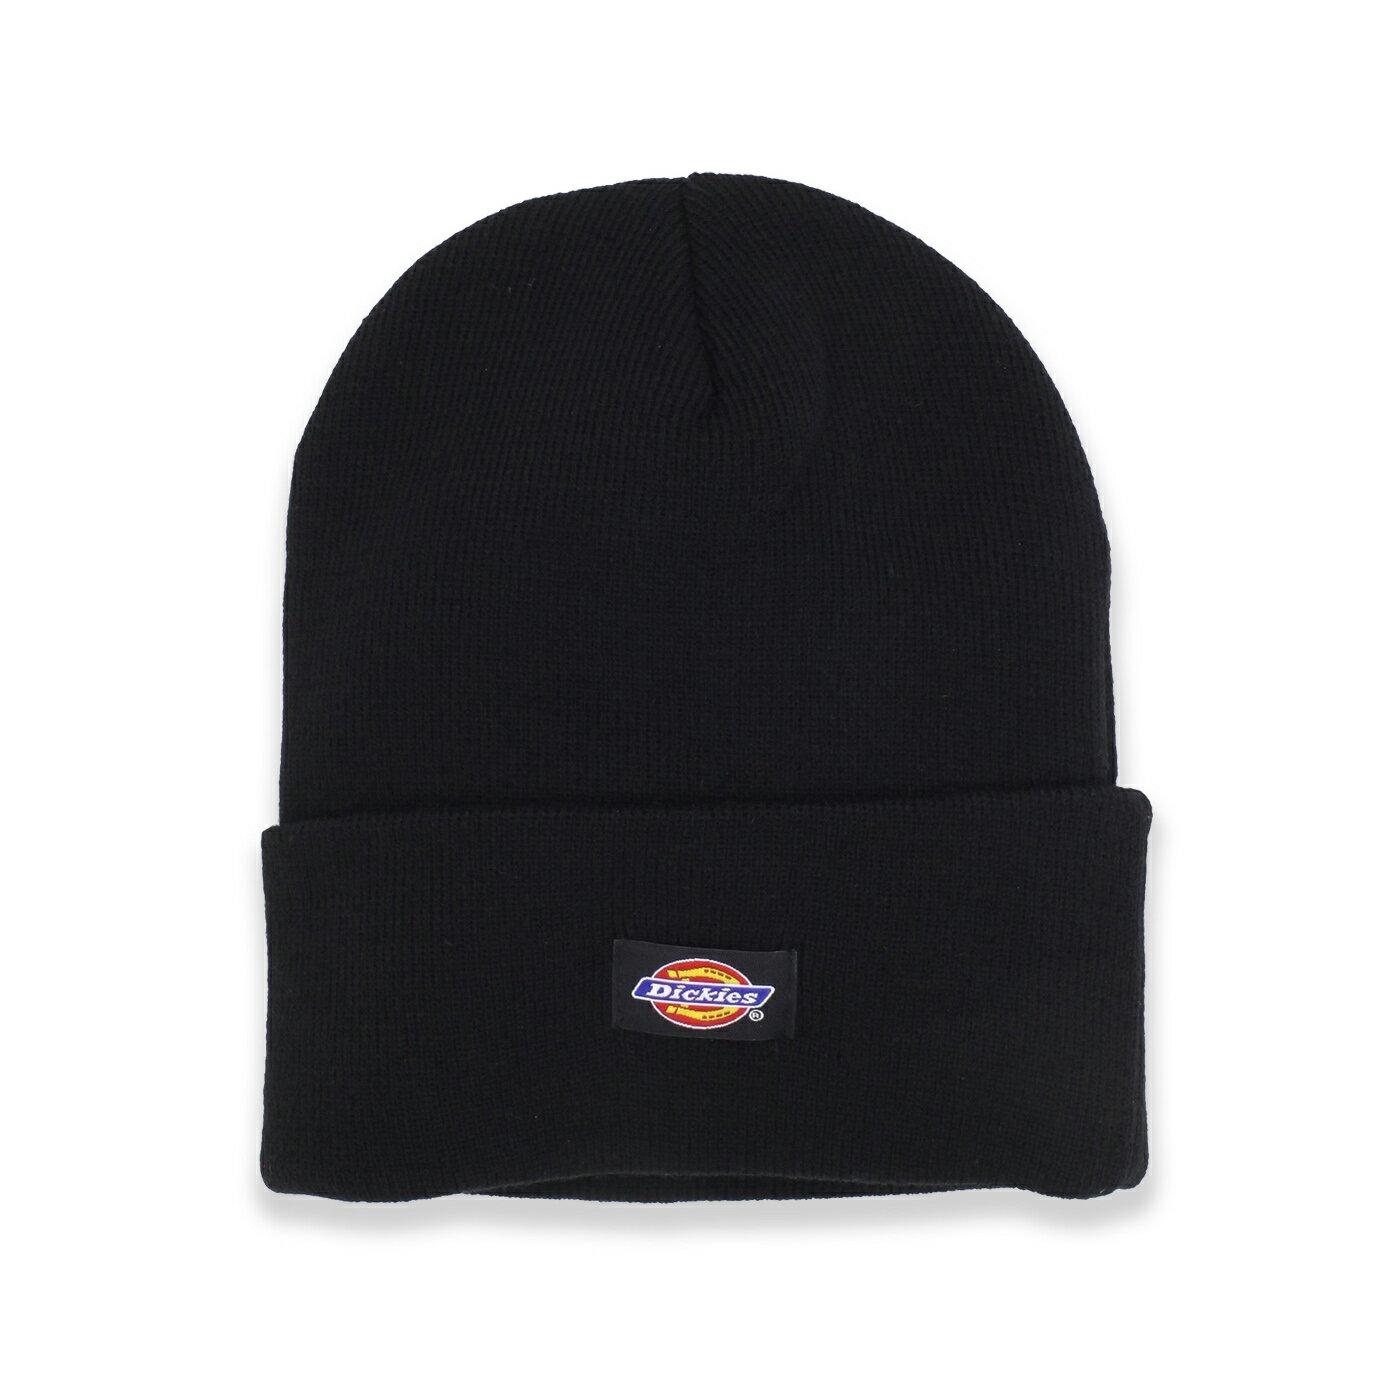 美國百分百【全新真品】Dickies 帽子 配件 針織帽 毛帽 素面 反折 漁夫帽 街頭 潮牌 男 女 黑色 F992